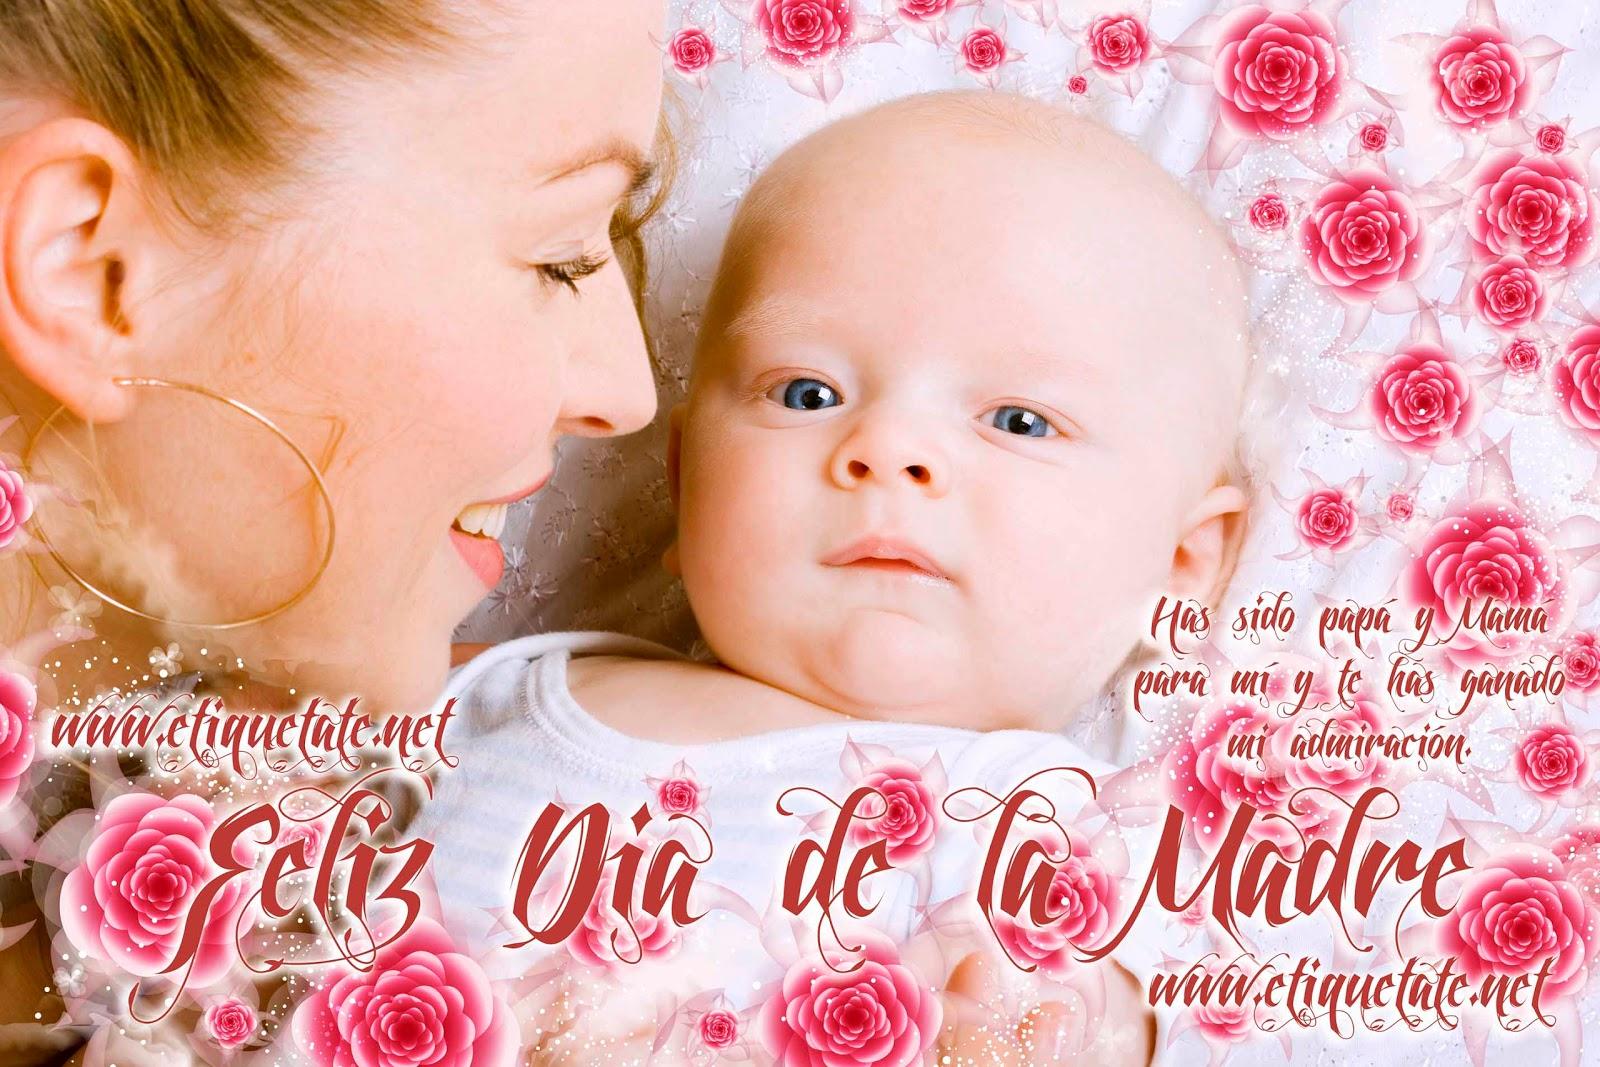 Fondos+de+escritorio+para+Día+de+la+Madre.jpg